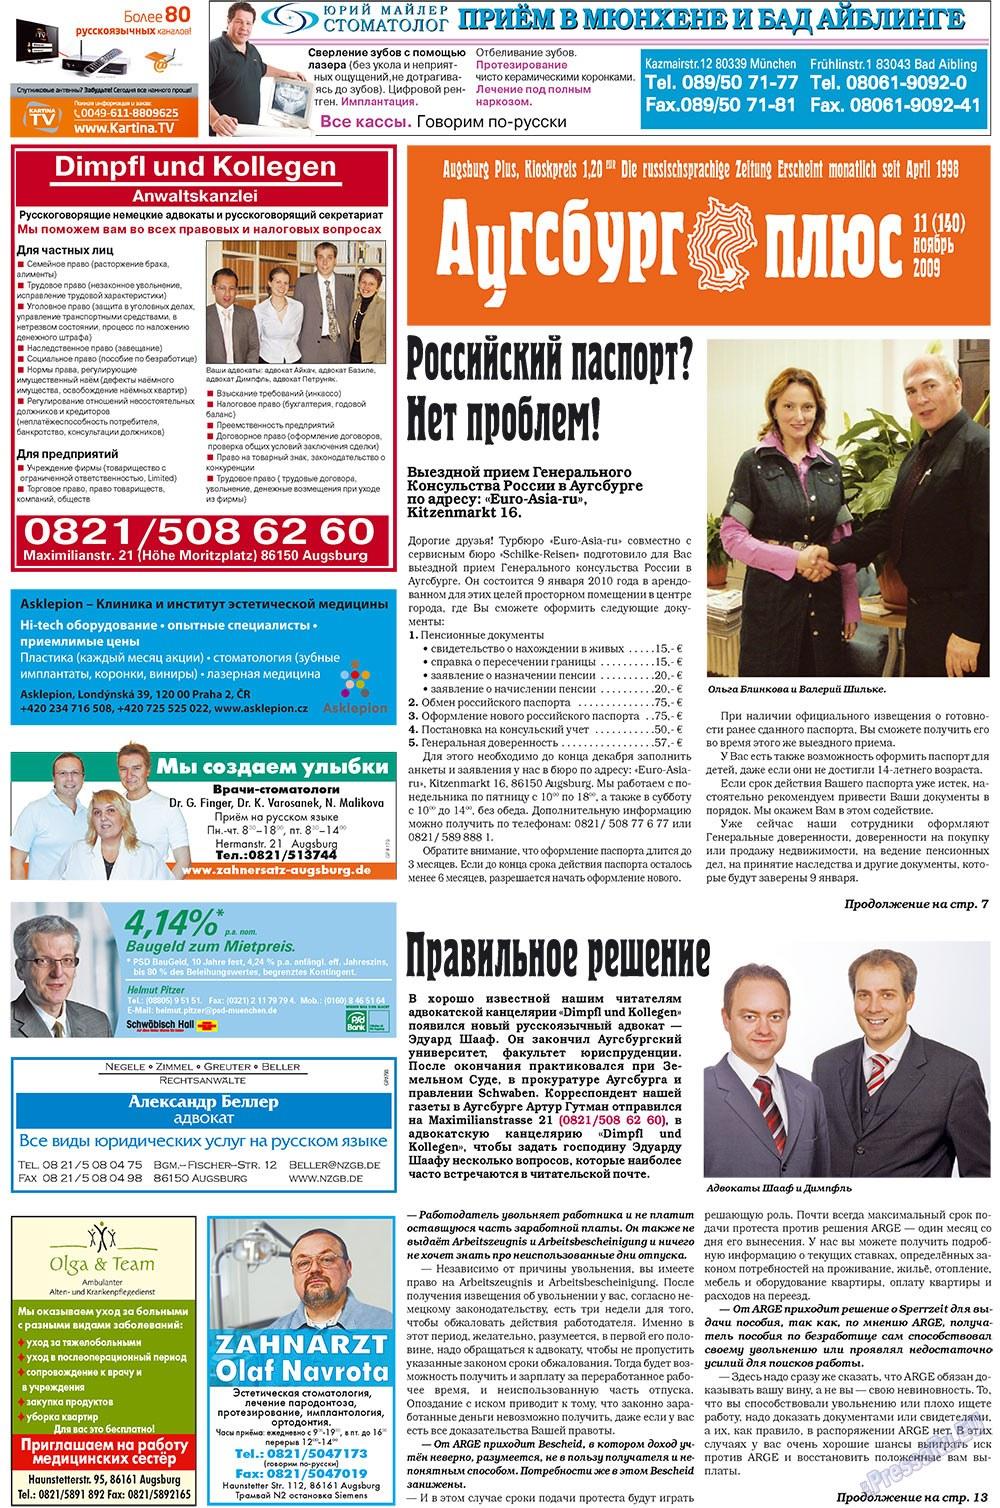 Германия плюс (газета). 2009 год, номер 11, стр. 1